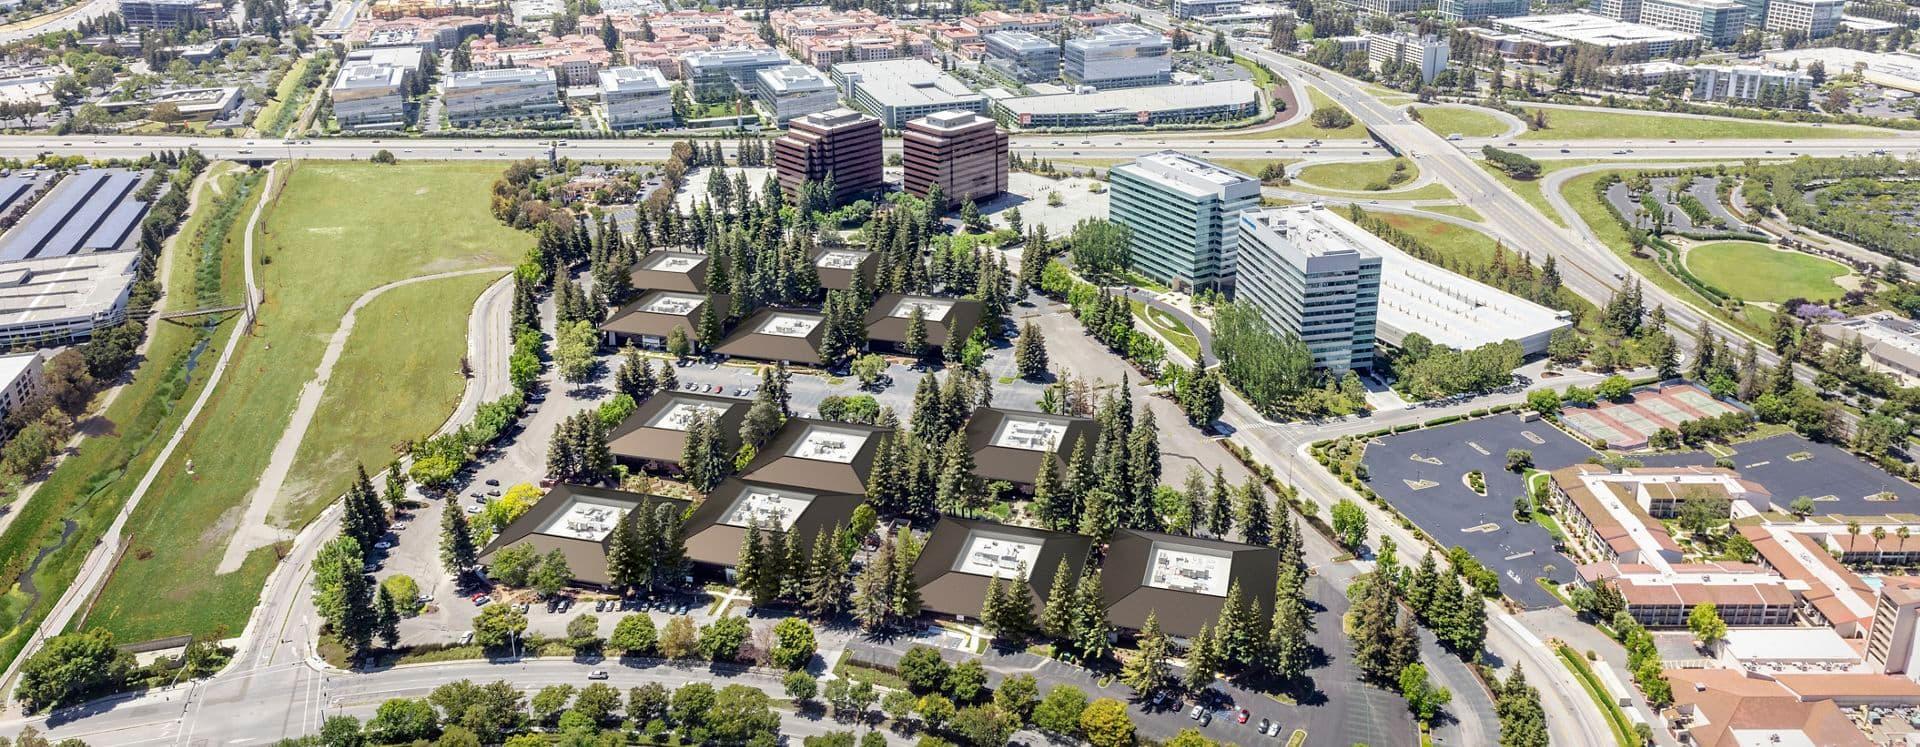 Aerial view of Santa Clara Park Rooftop, in Santa Clara, California.